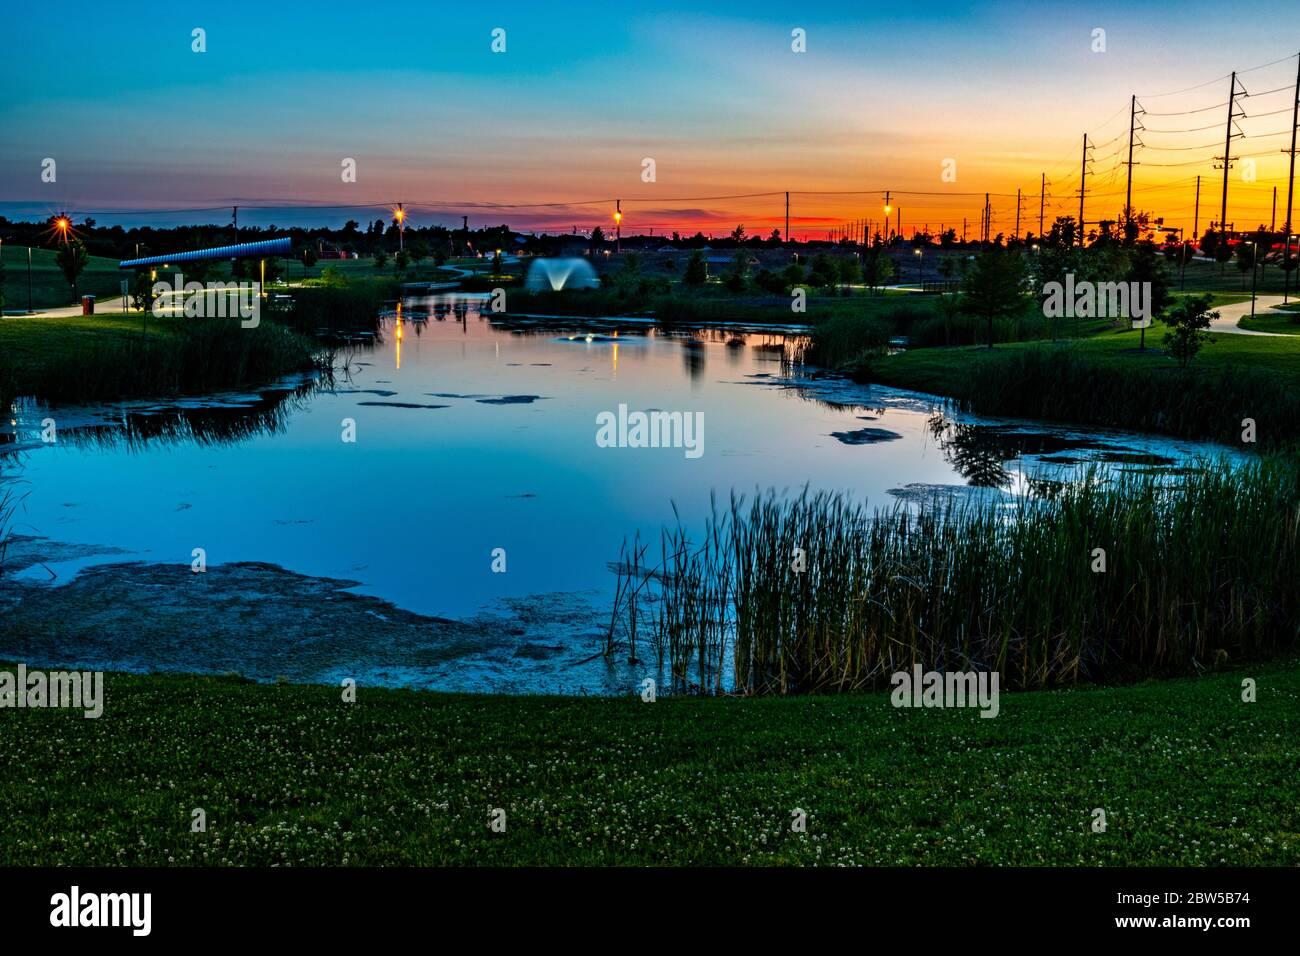 Sunset over Mercy Park in Joplin, Missouri Stock Photo